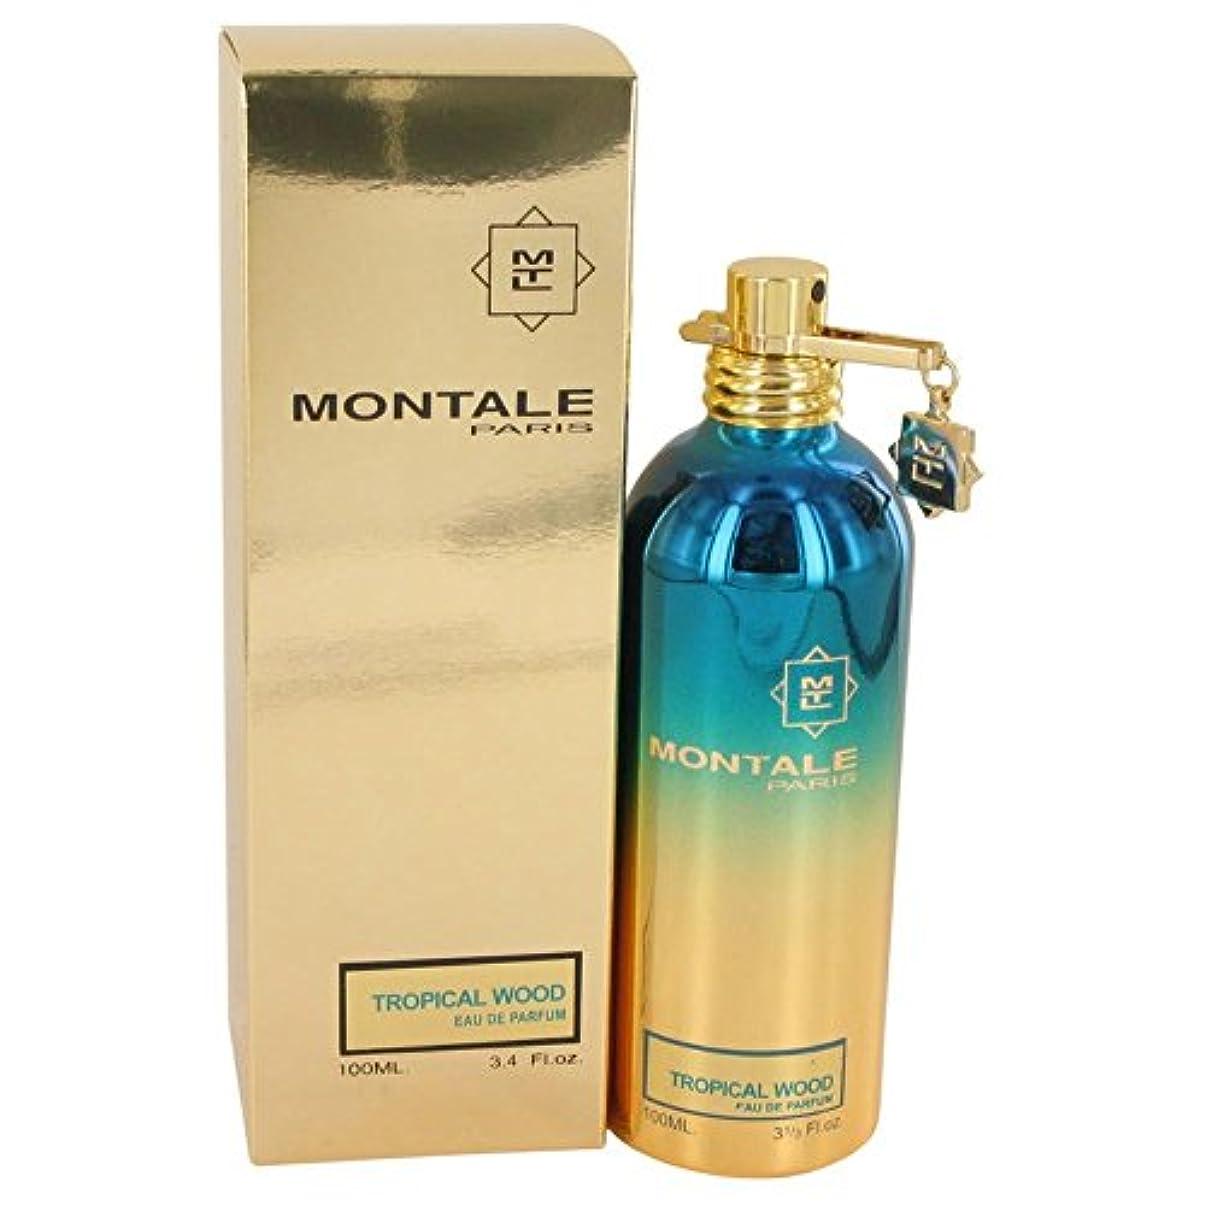 驚くべき理由蒸気Montale Tropical Wood 100ml/3.4oz Eau De Parfum Spray Unisex Perfume Fragrance